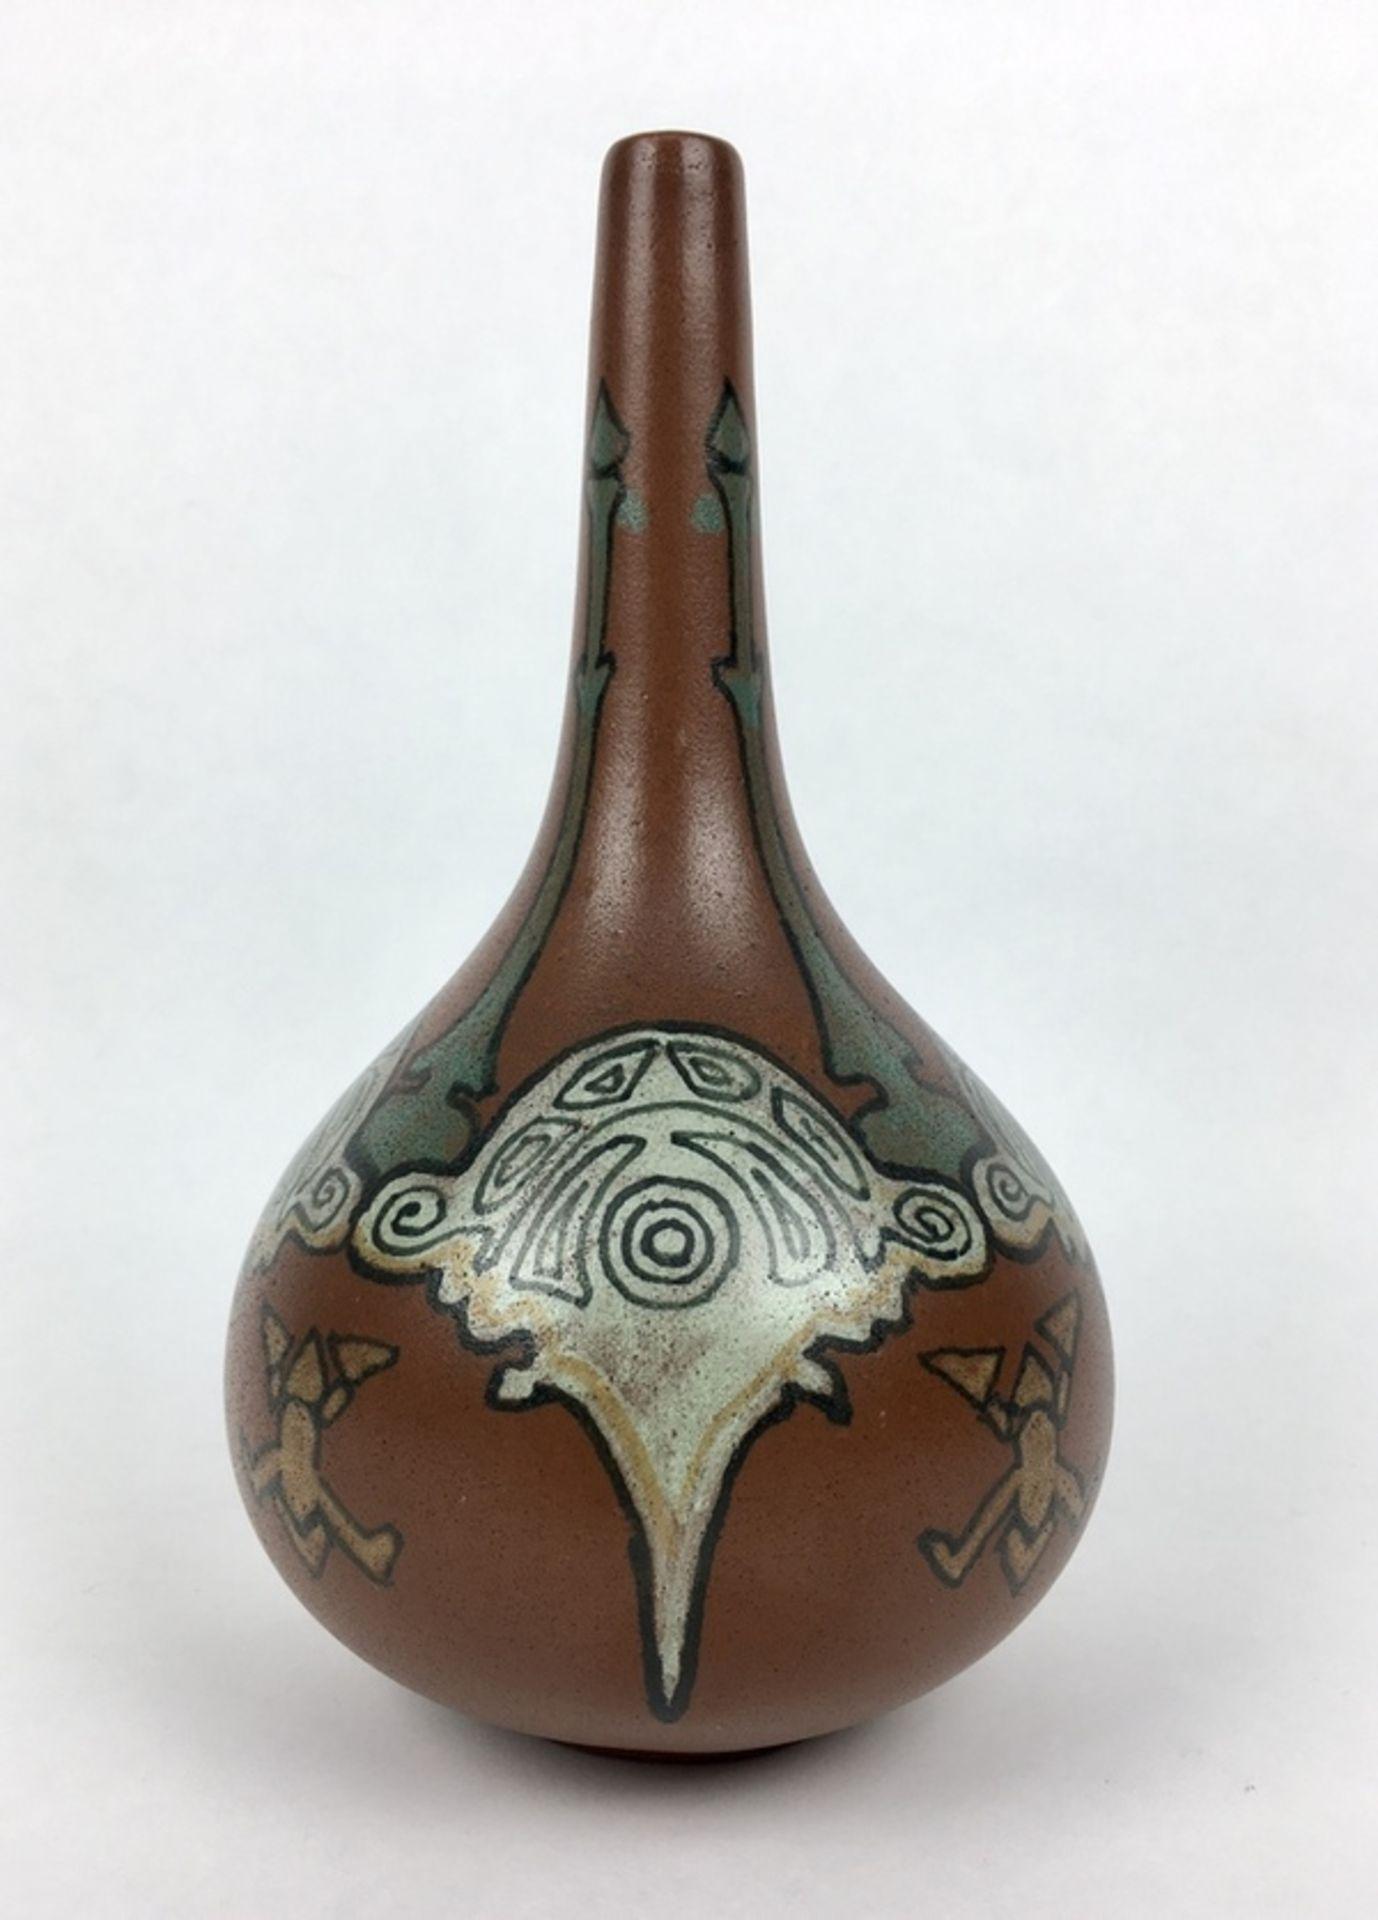 (Toegpaste kunst) Aardewerk vaas, Nienhuis De Distel AmsterdamGeglazuurde aardewerk vaas, gemaa - Image 3 of 5